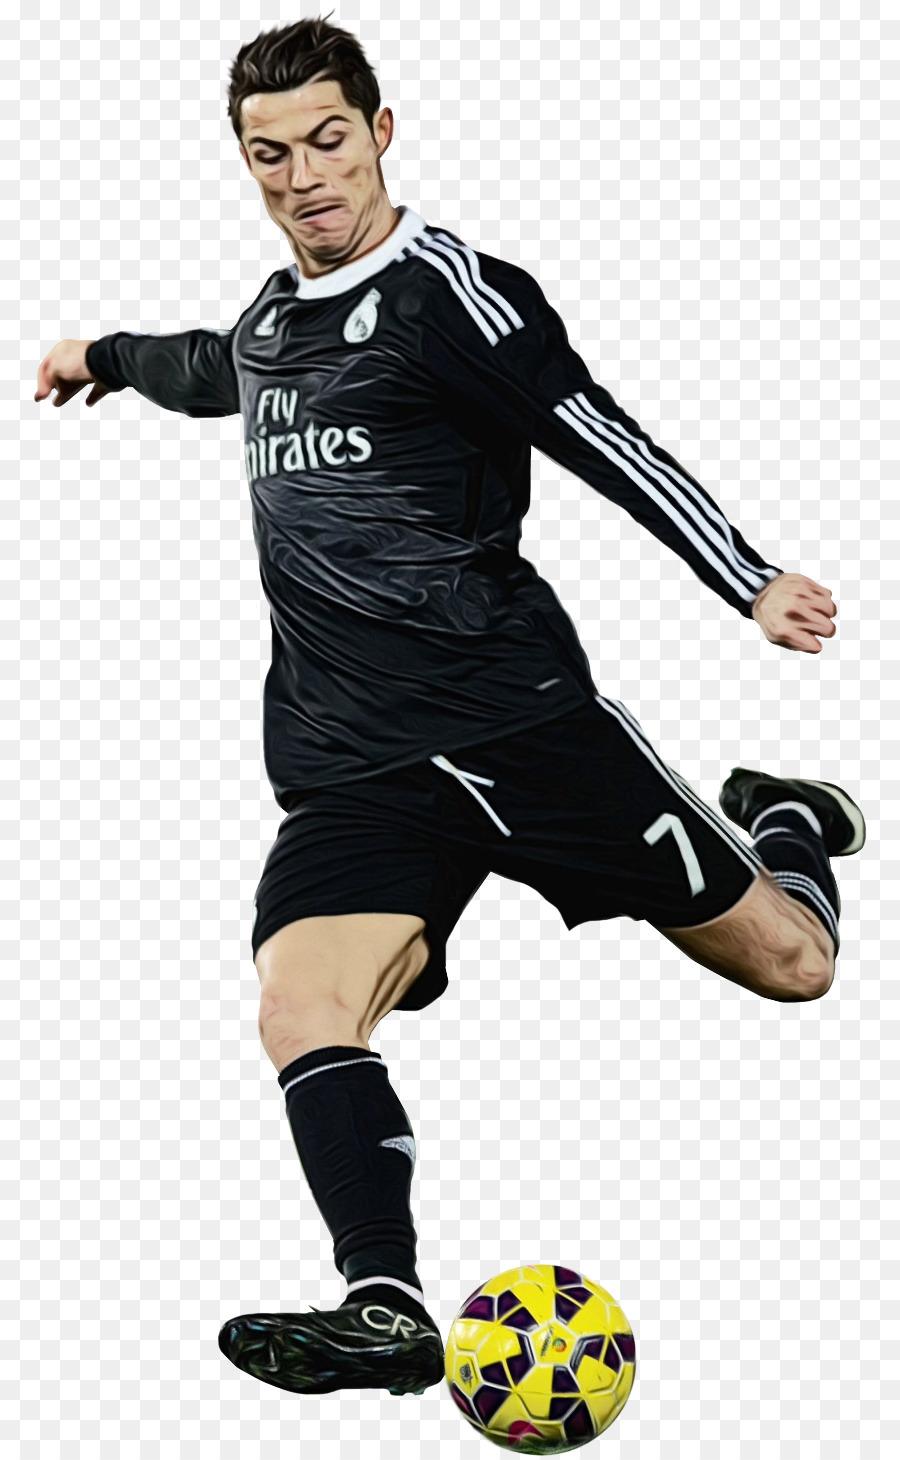 Descarga gratuita de Cristiano Ronaldo, Portugal Equipo De Fútbol Nacional De, El Real Madrid Cf Imágen de Png